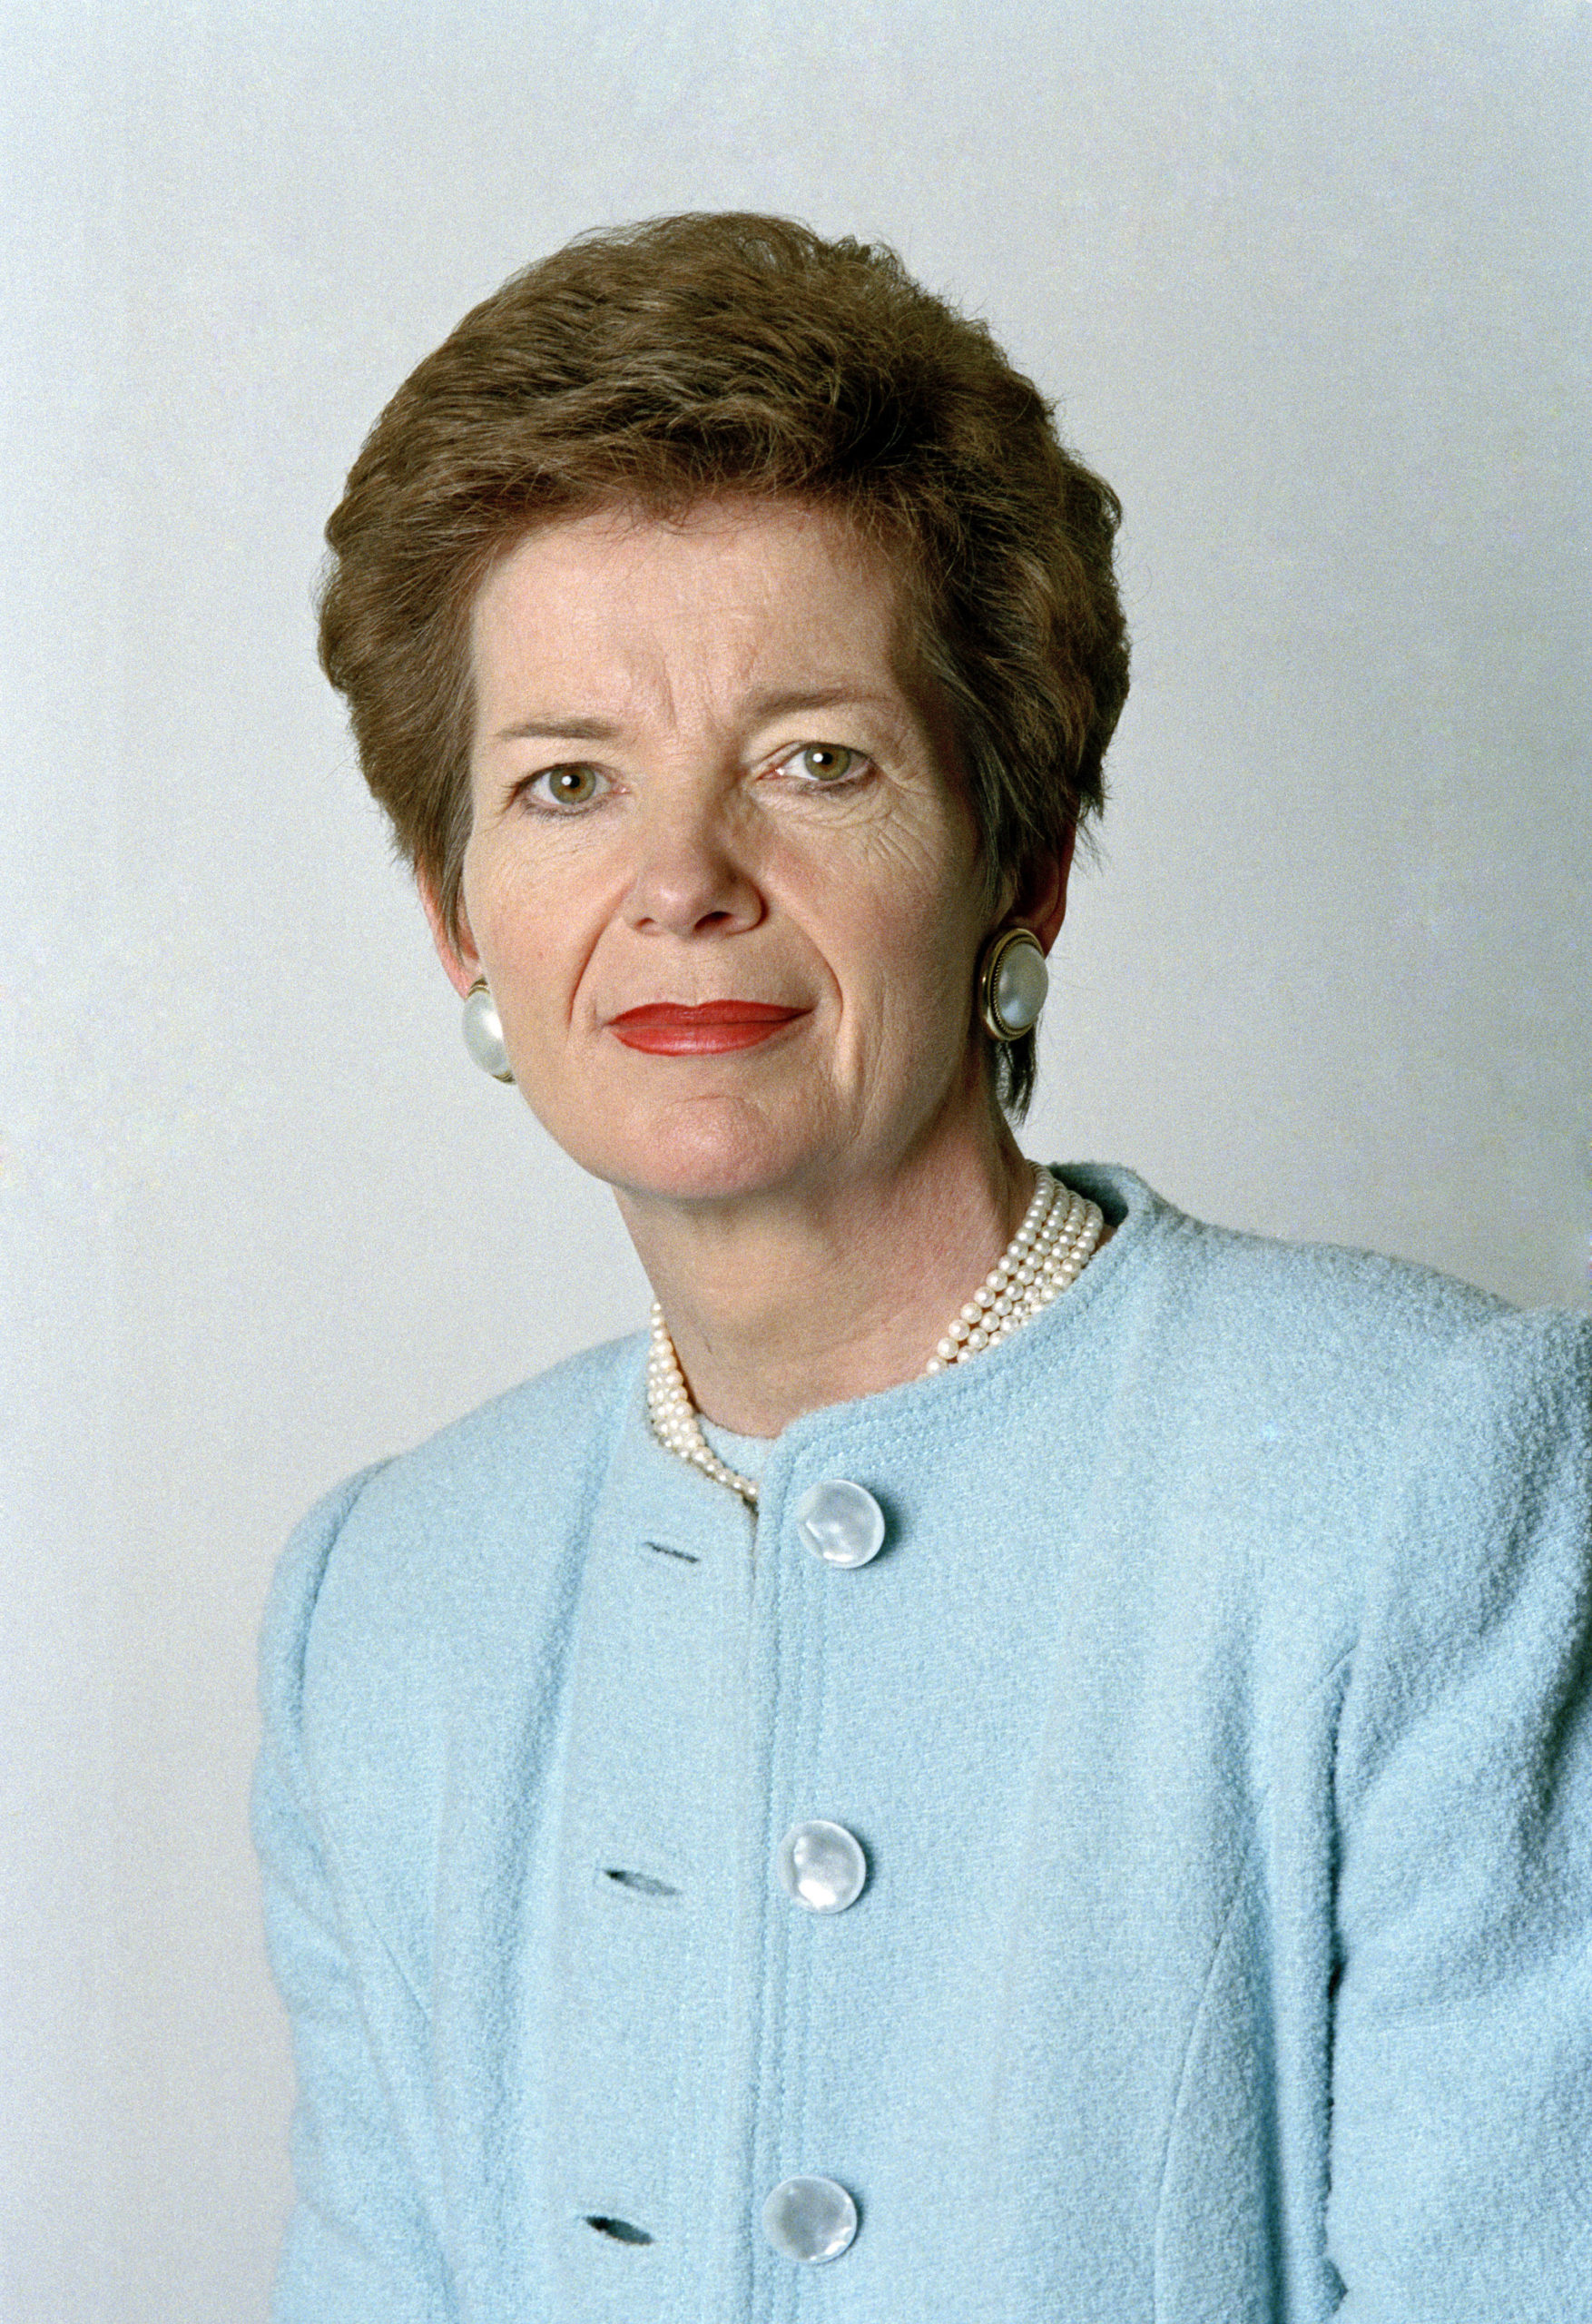 Mary Robinson, Commissaire aux Nations Unies pour les Droits de l'Homme, de 1997 à 2002. © UN PHOTO / EVAN SCHNEIDER